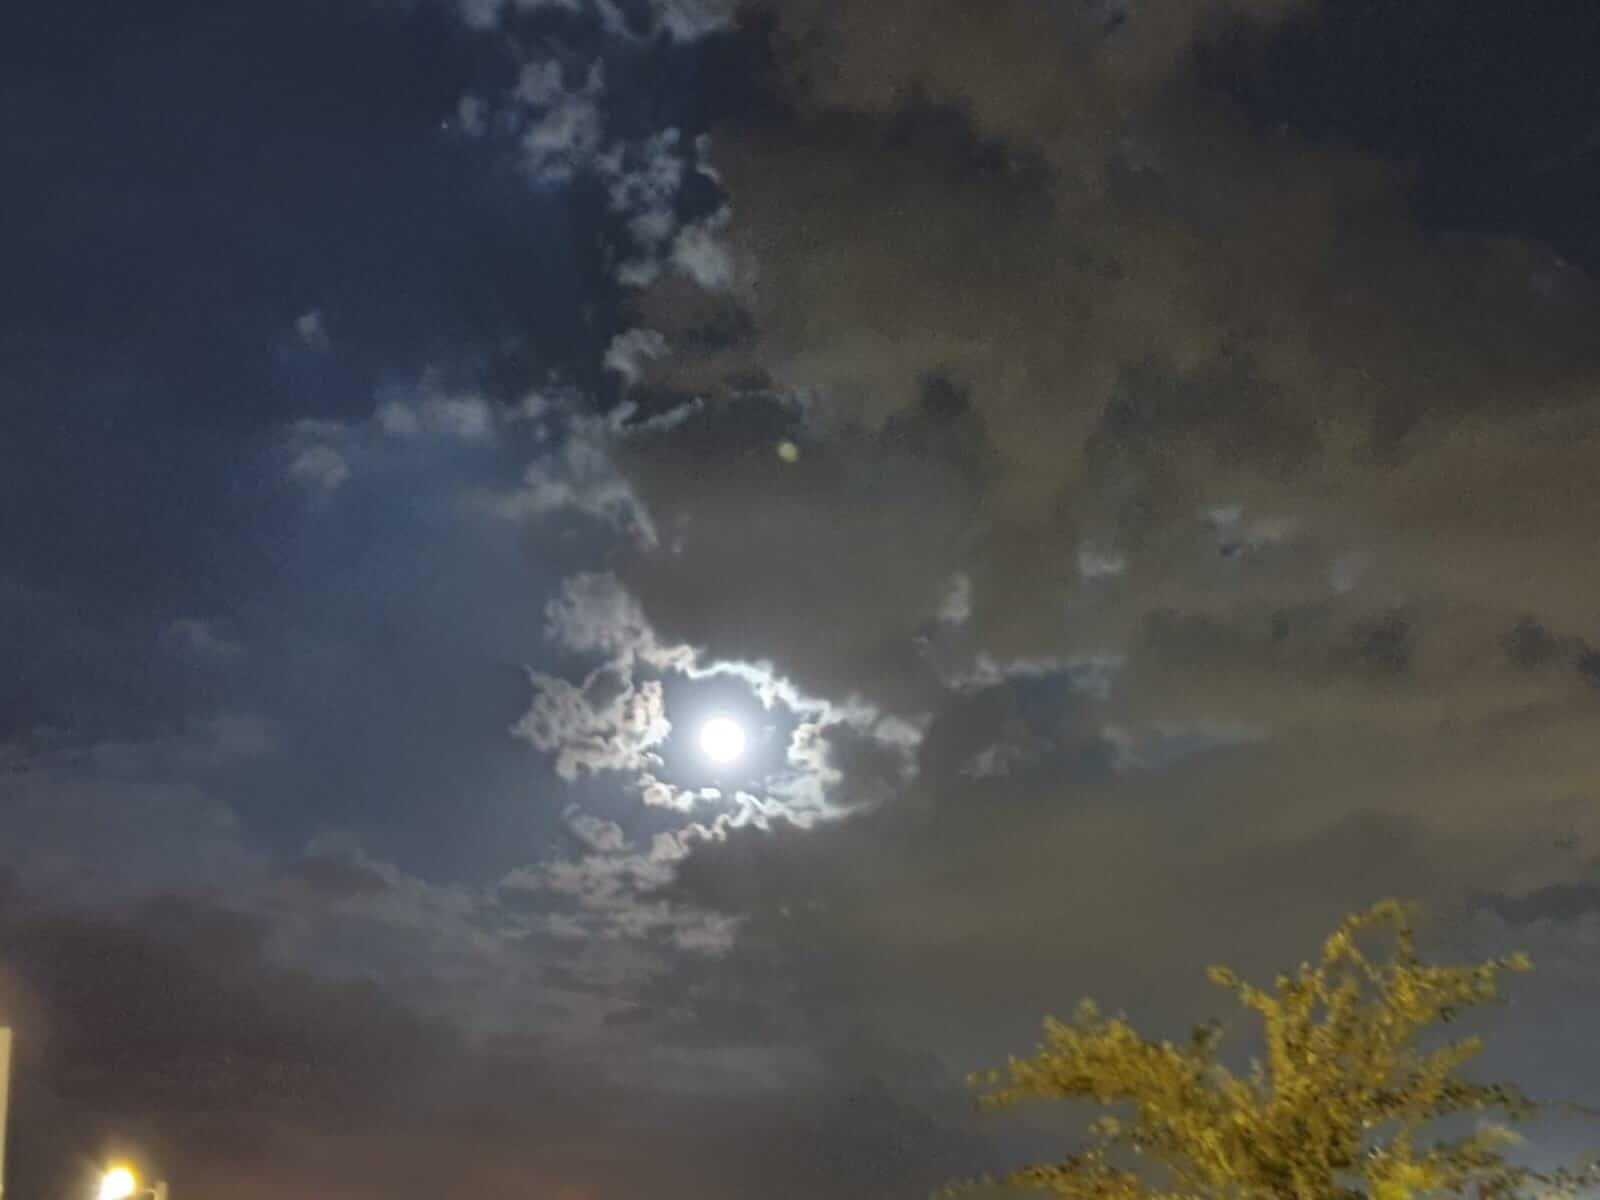 צילום לילה בגלקסי נוט 10 פלוס